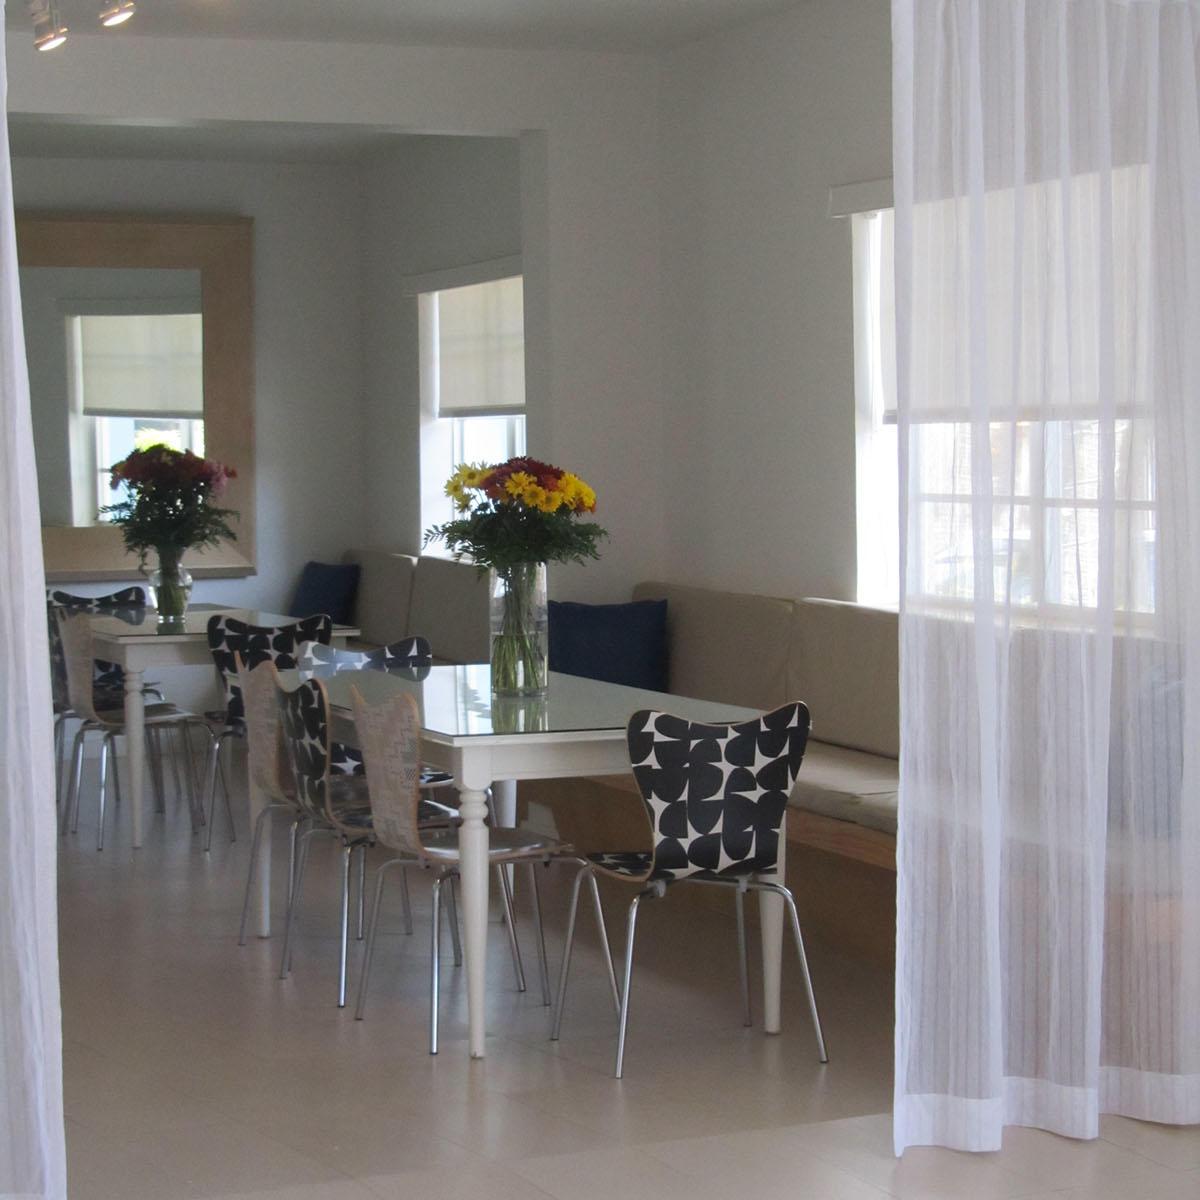 Breakfast area curtain